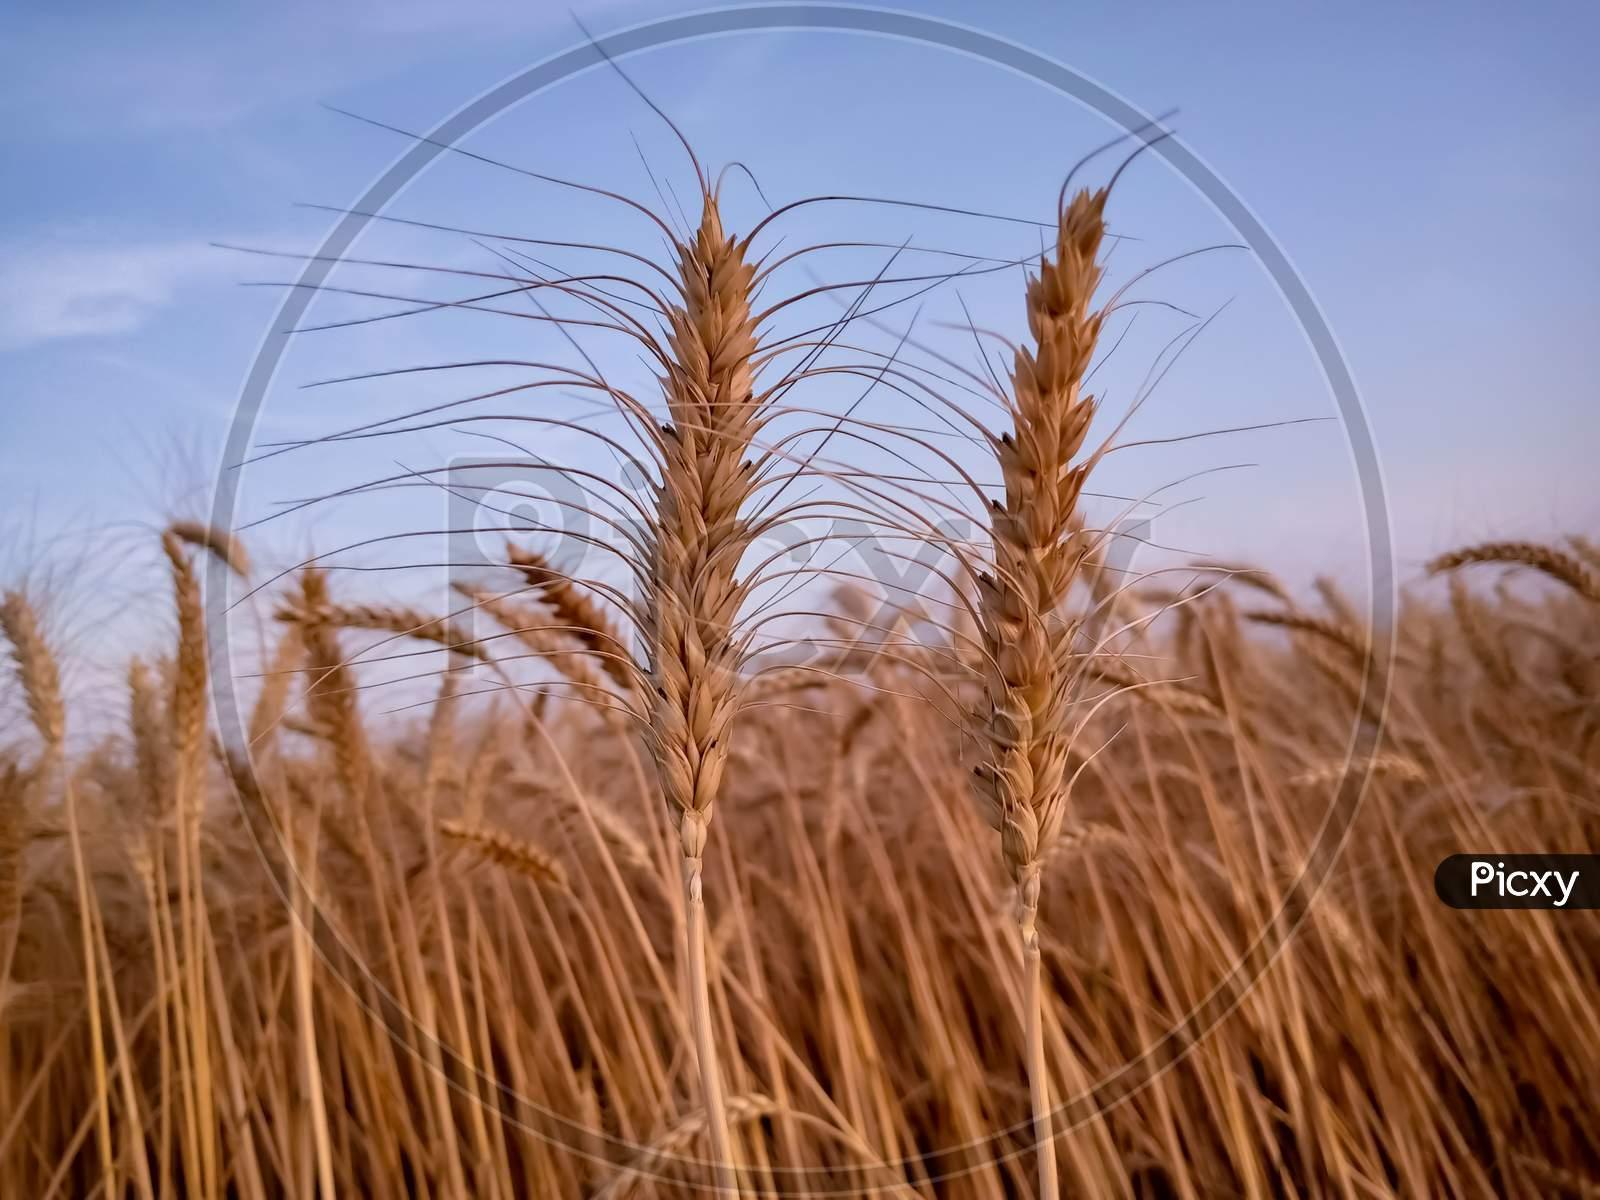 Ears Of Wheat On Sky